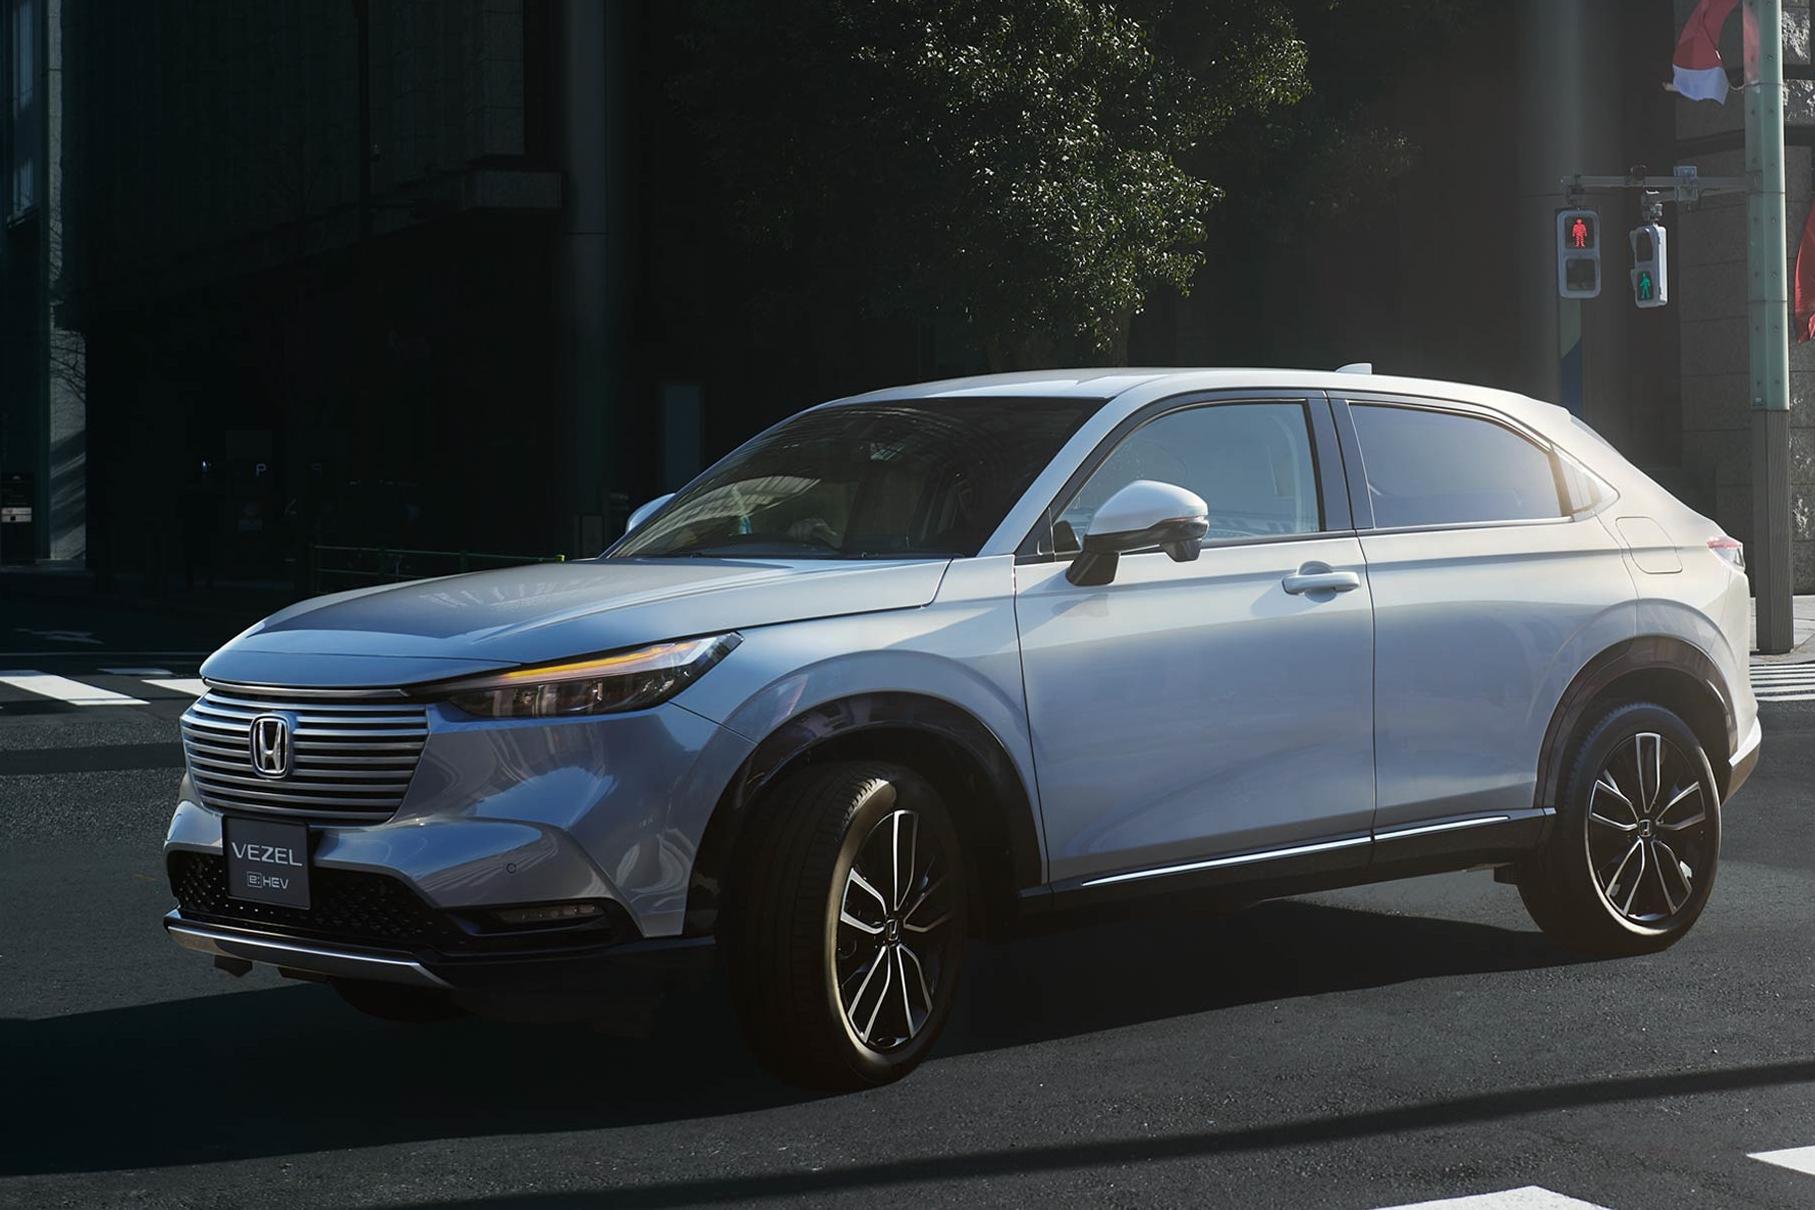 Honda HR-V Vezel New (12)